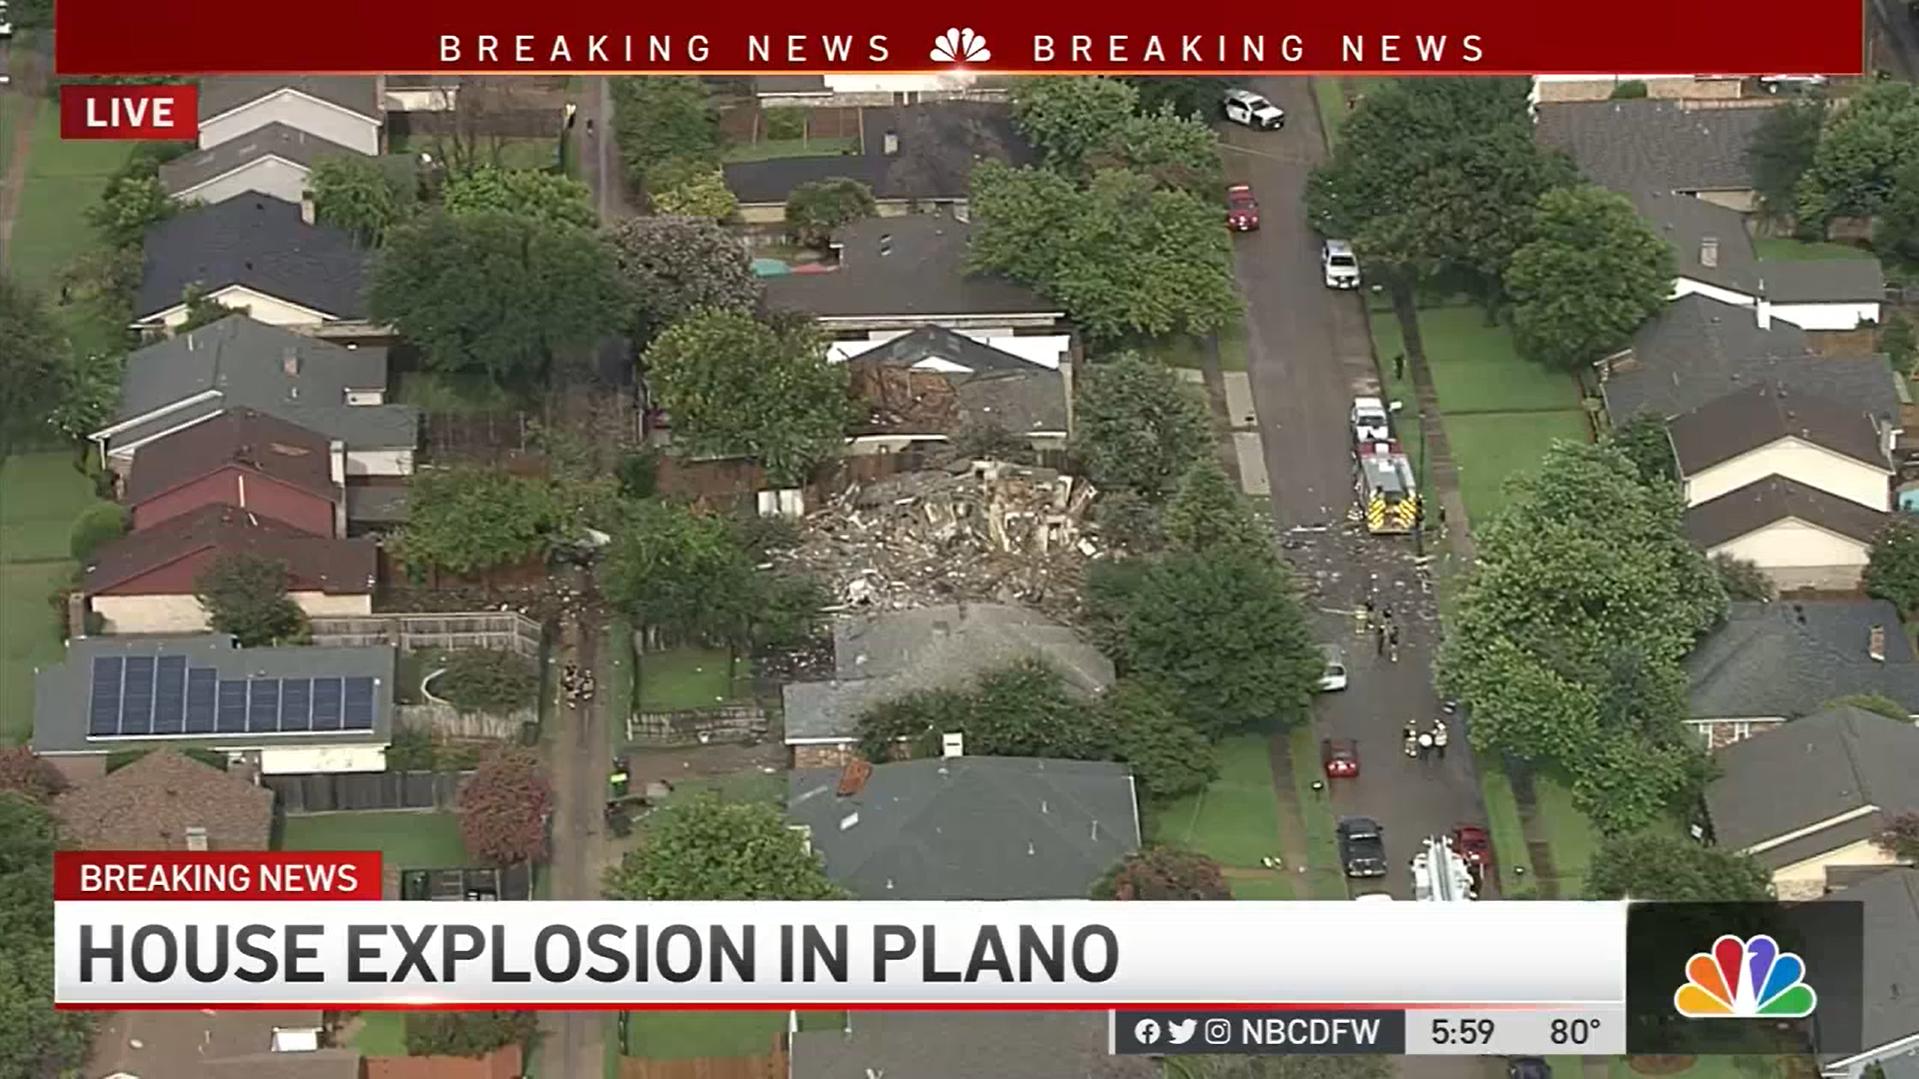 ЗМІ показали фото з повітря.